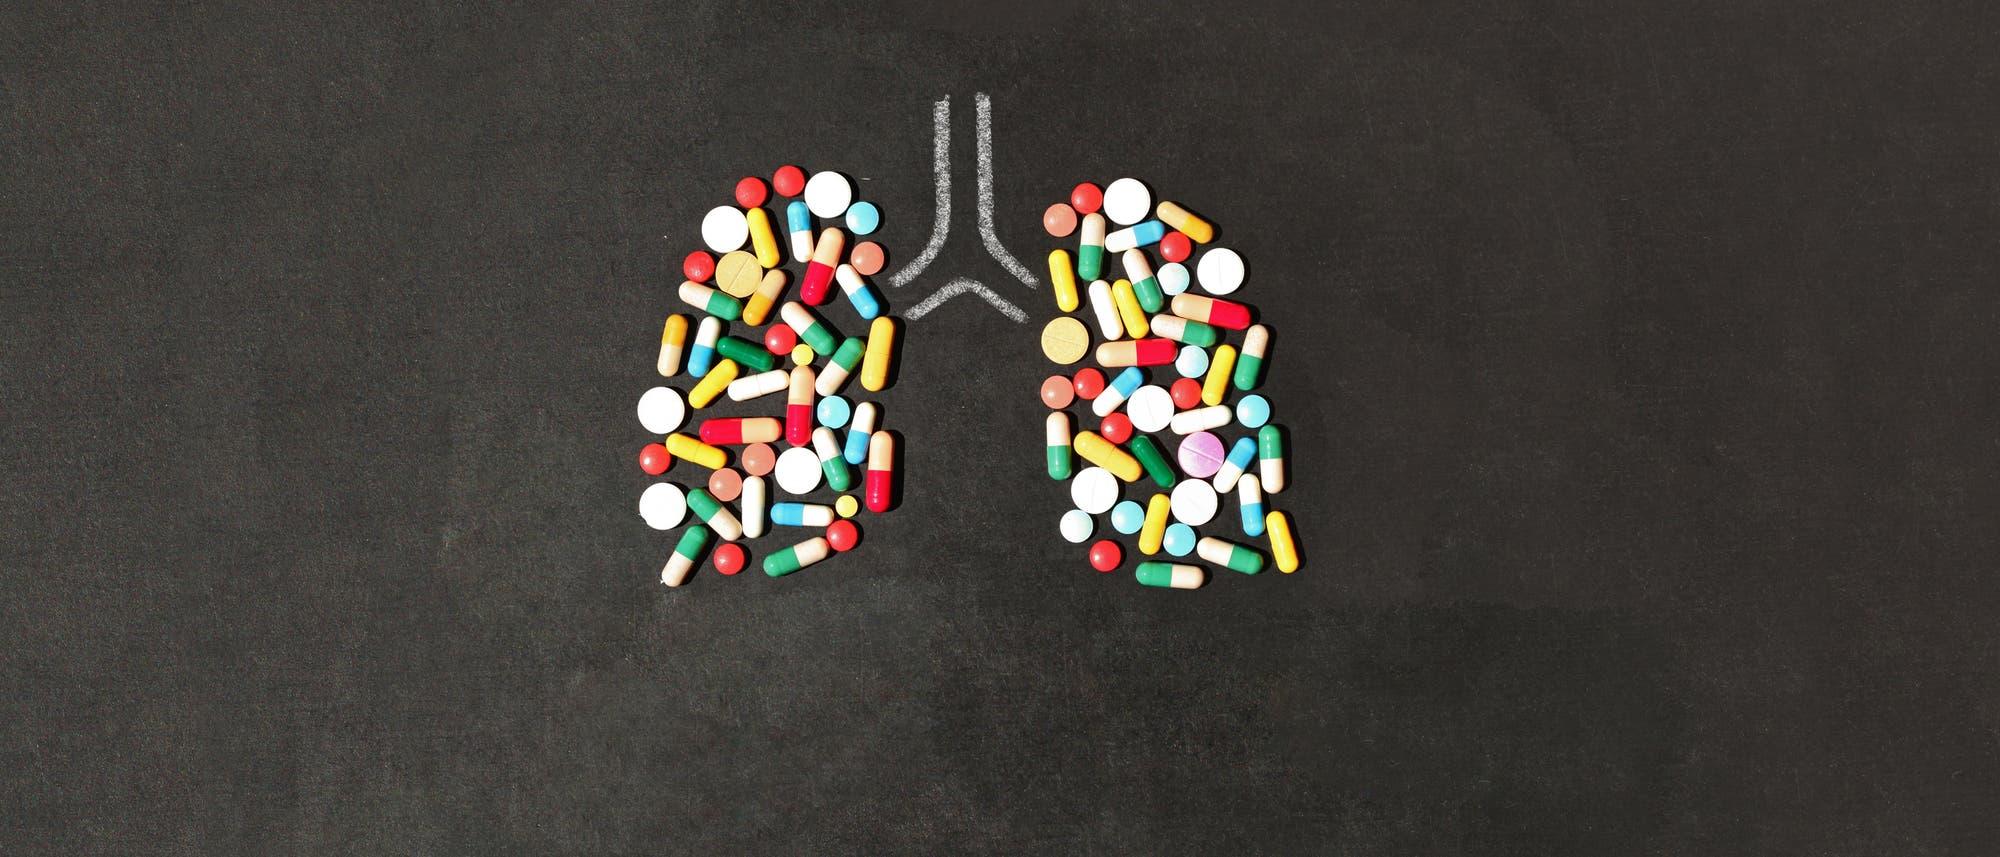 Bis heute ist TBC eine der tödlichsten Infektionskrankheiten der Welt – obwohl es Medikamente gibt.